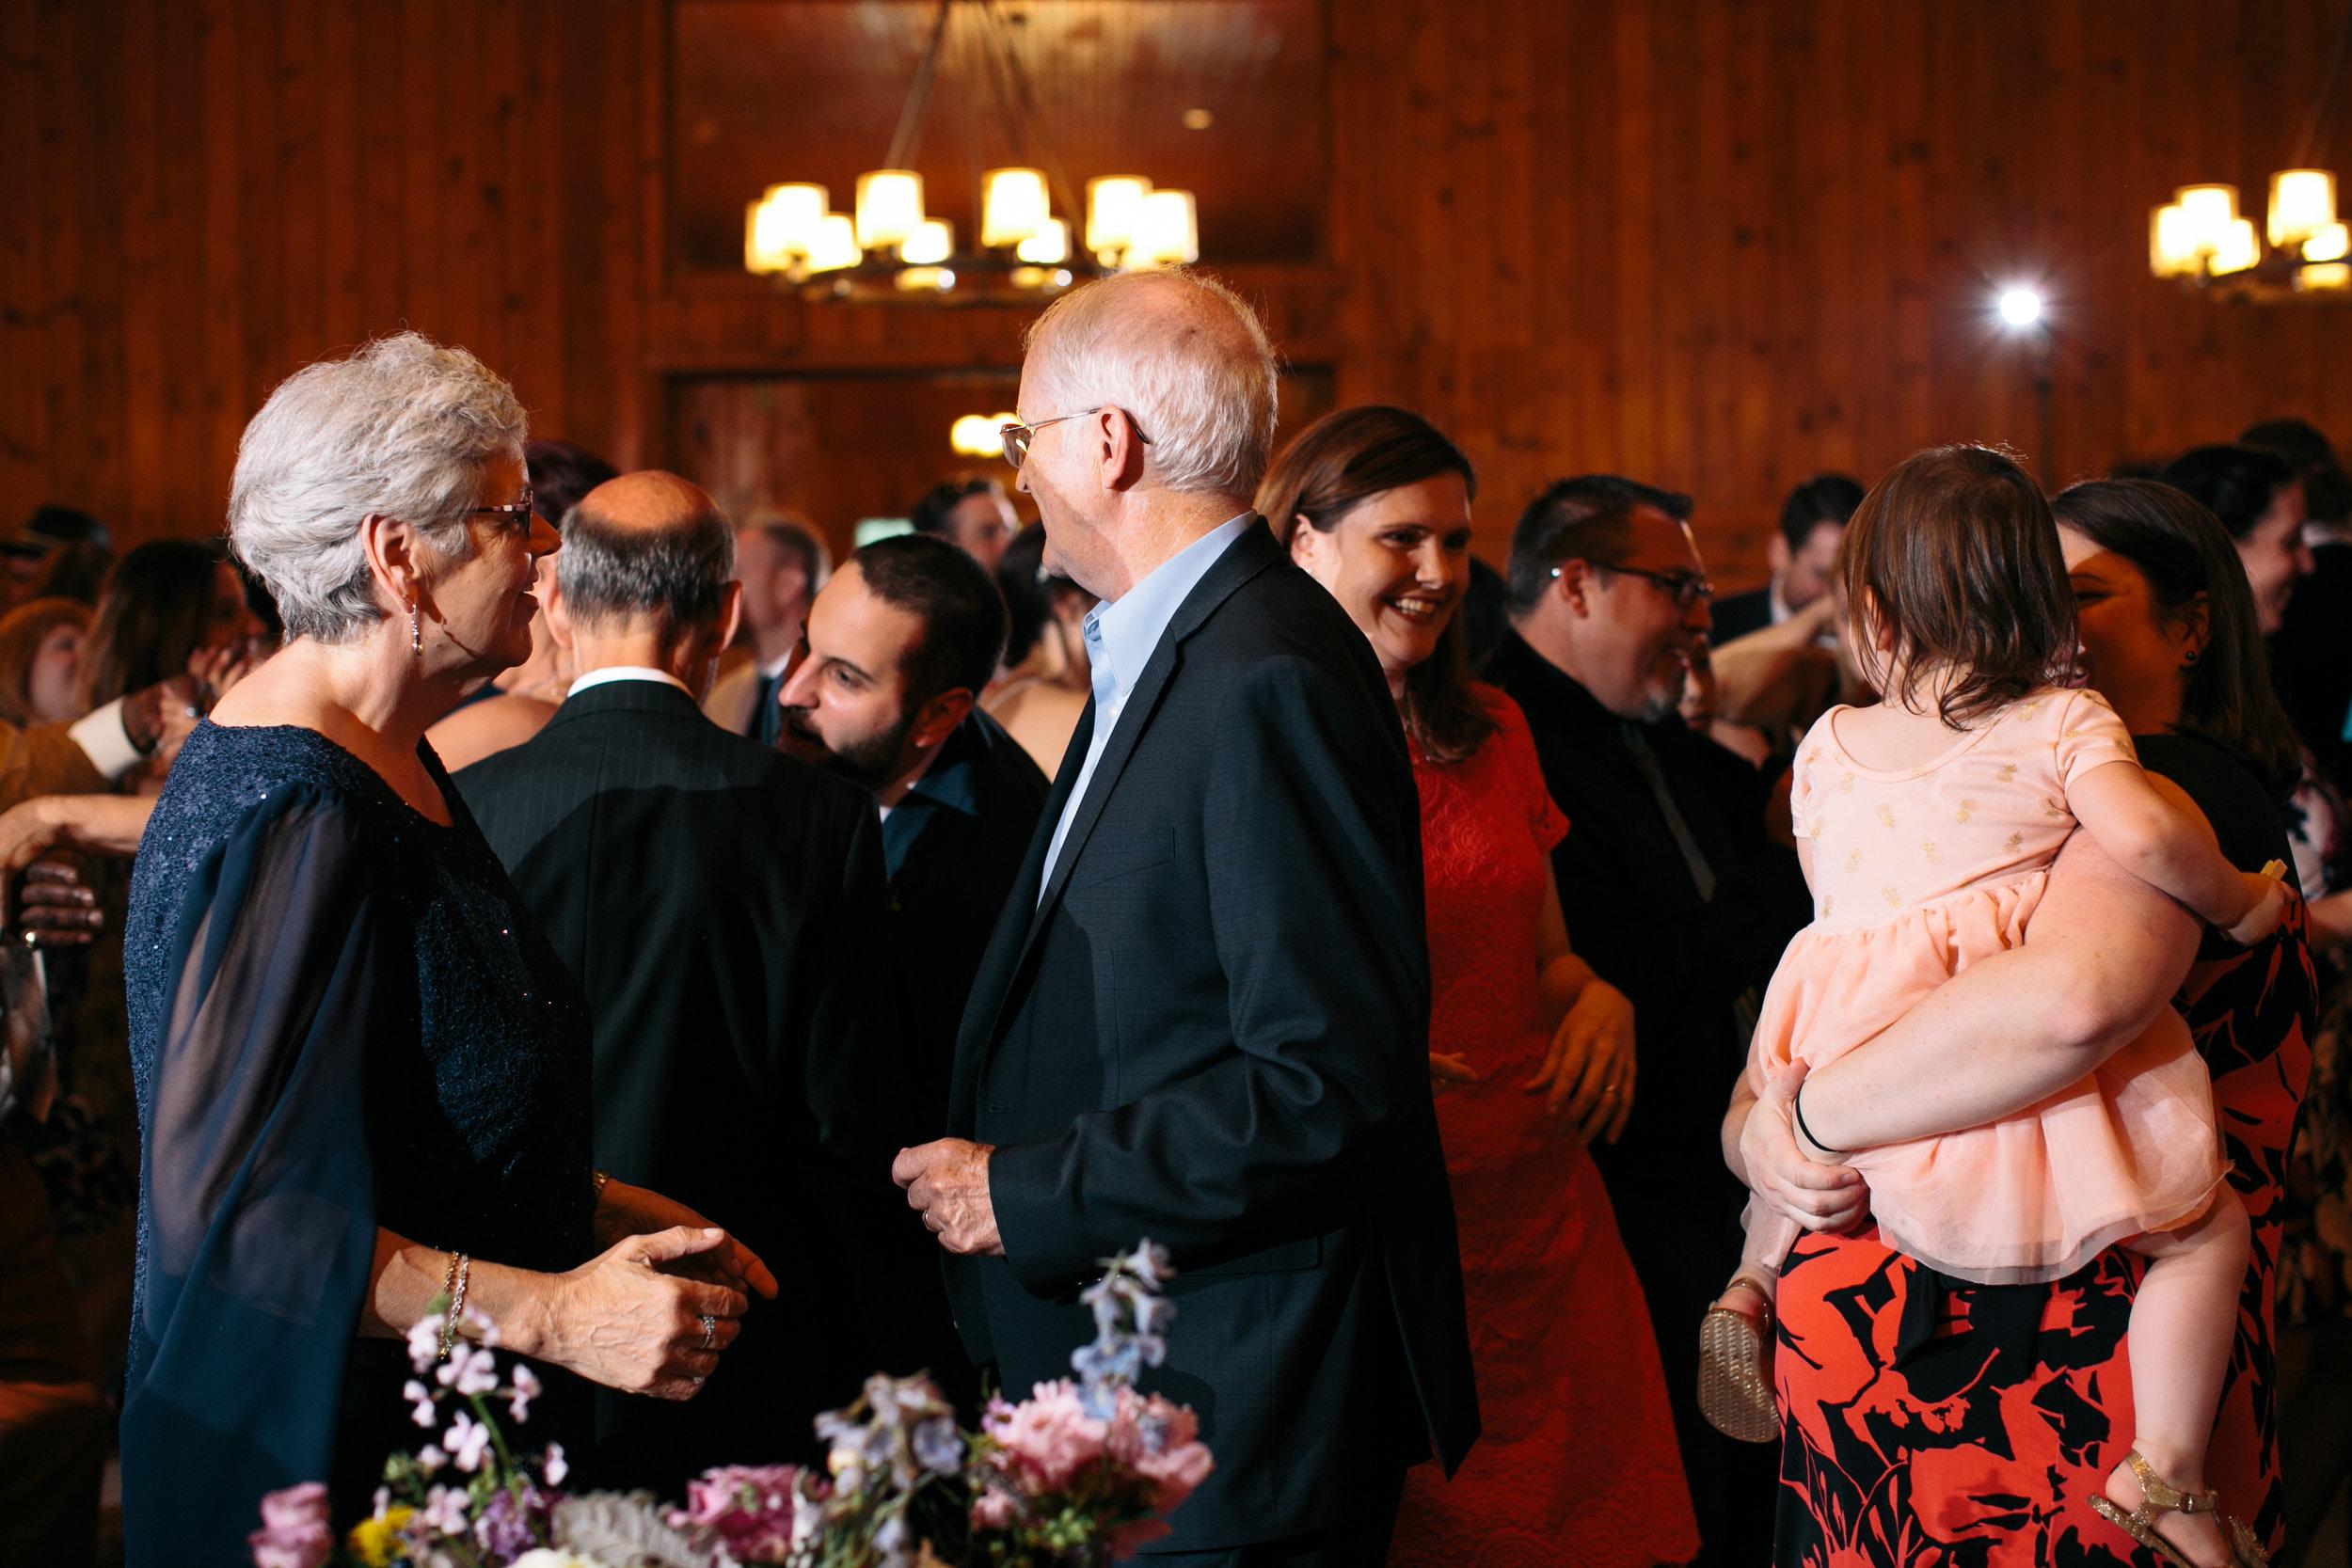 749_Jared_Kristen_wedding.jpg